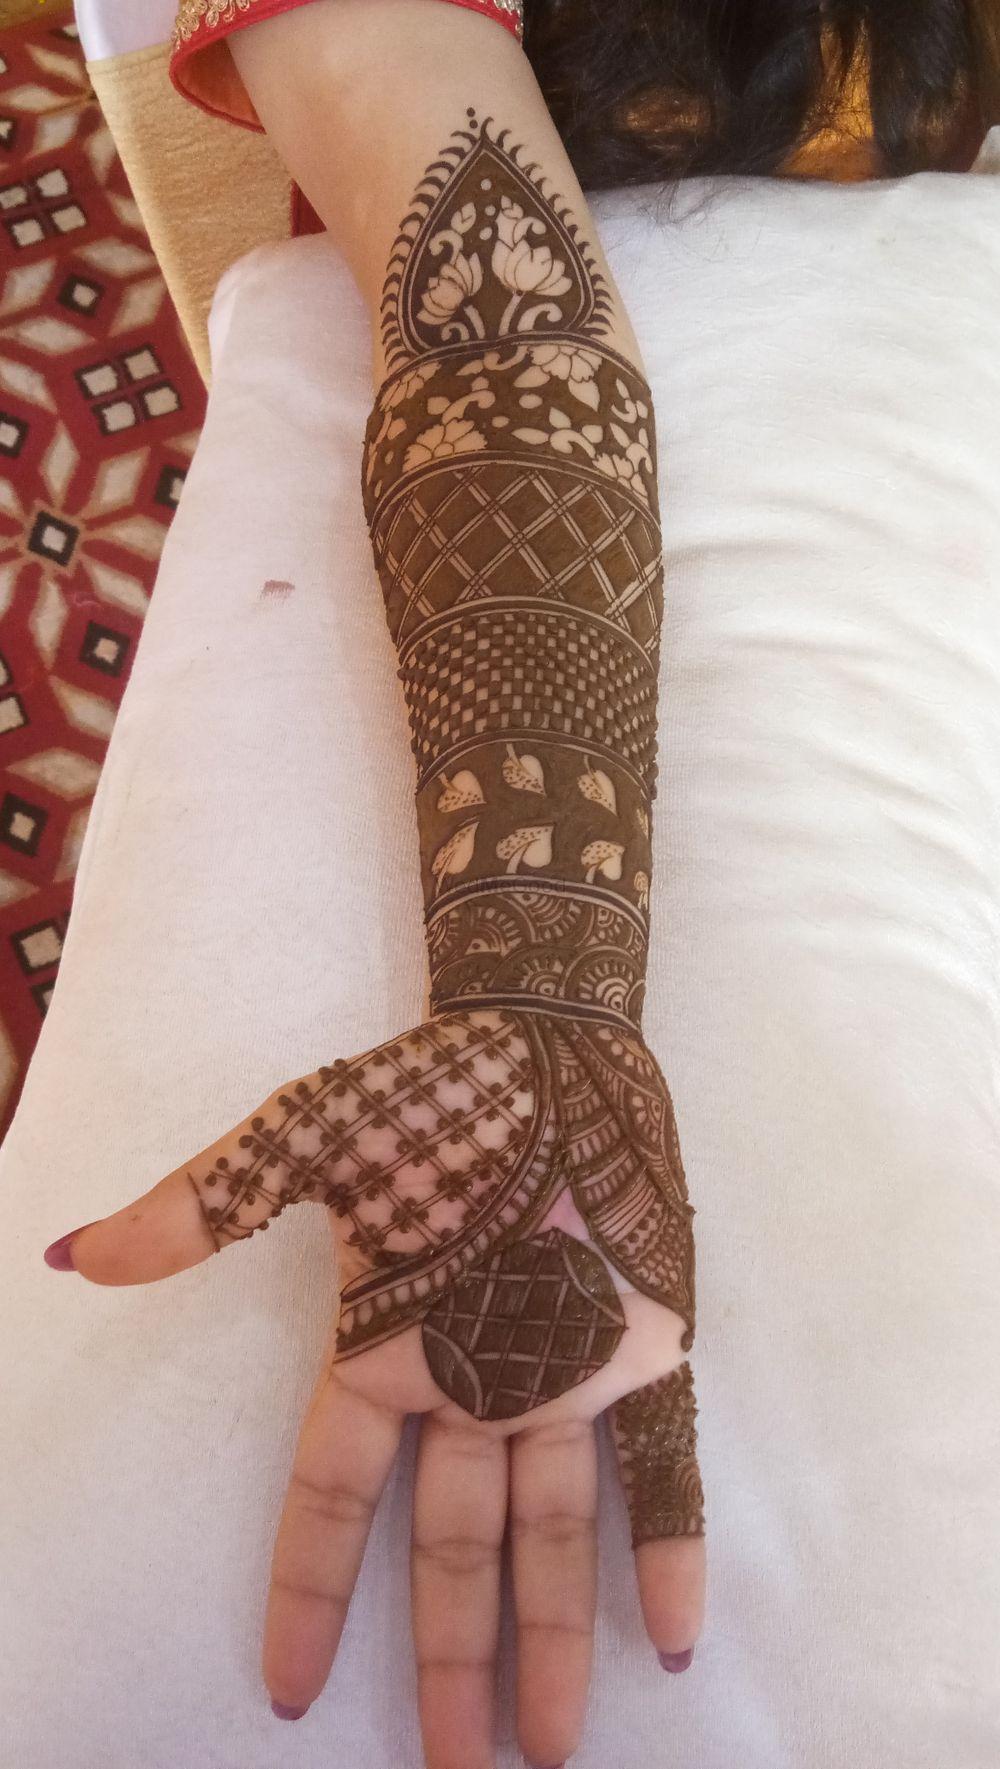 Photo From shikha bridal mehendi on 22 nov 2018, Ashoka bhawan - By Shalini Mehendi Artist